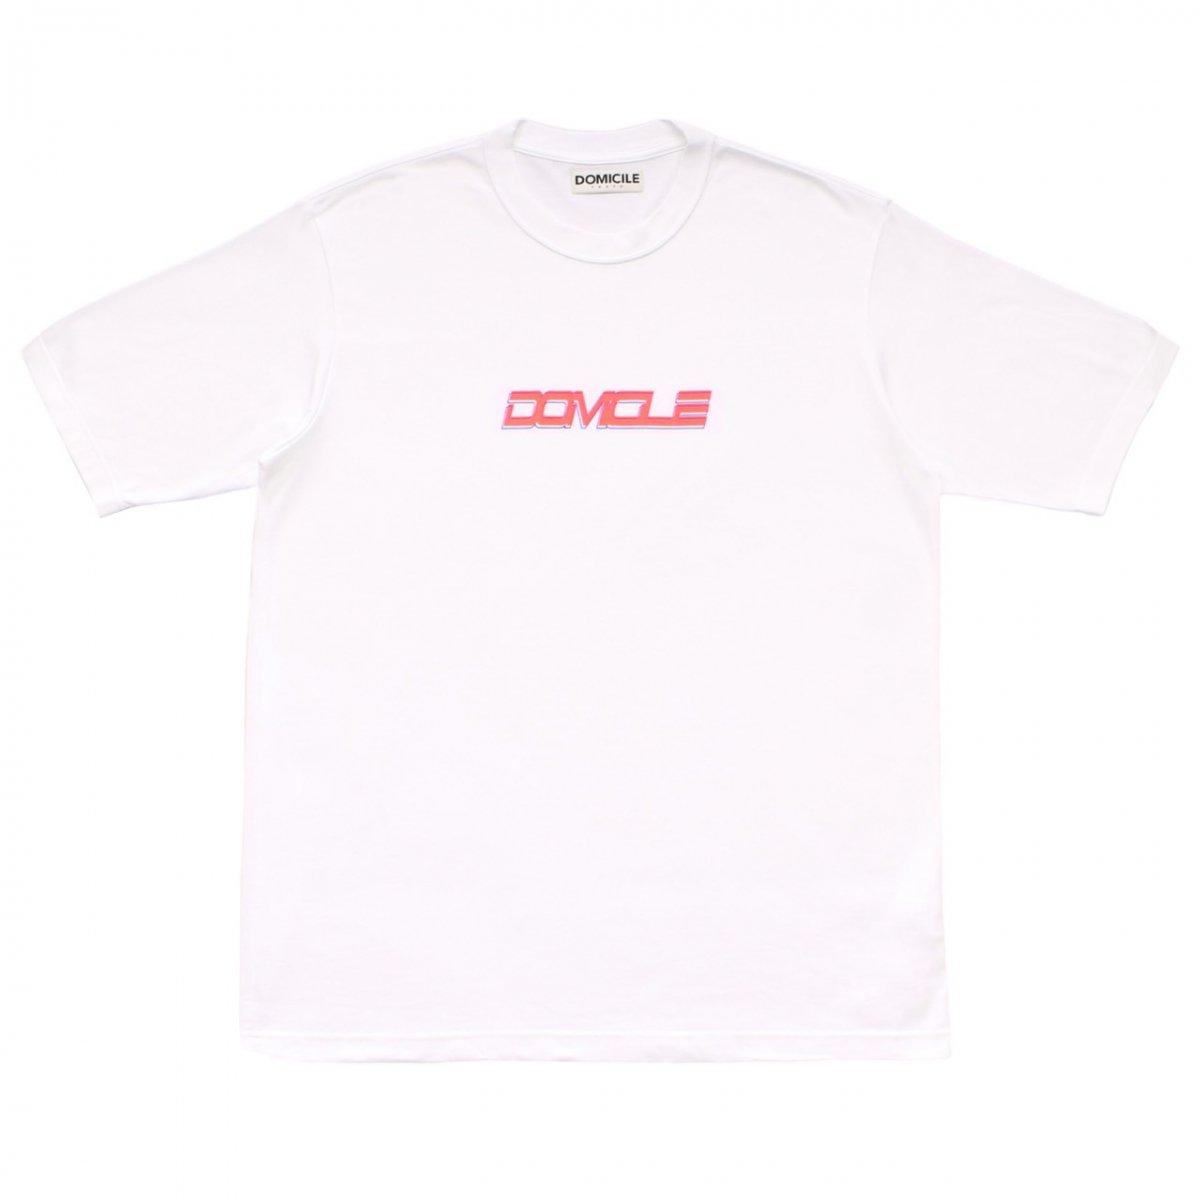 DOMICILE2020 TEE【WHITE】